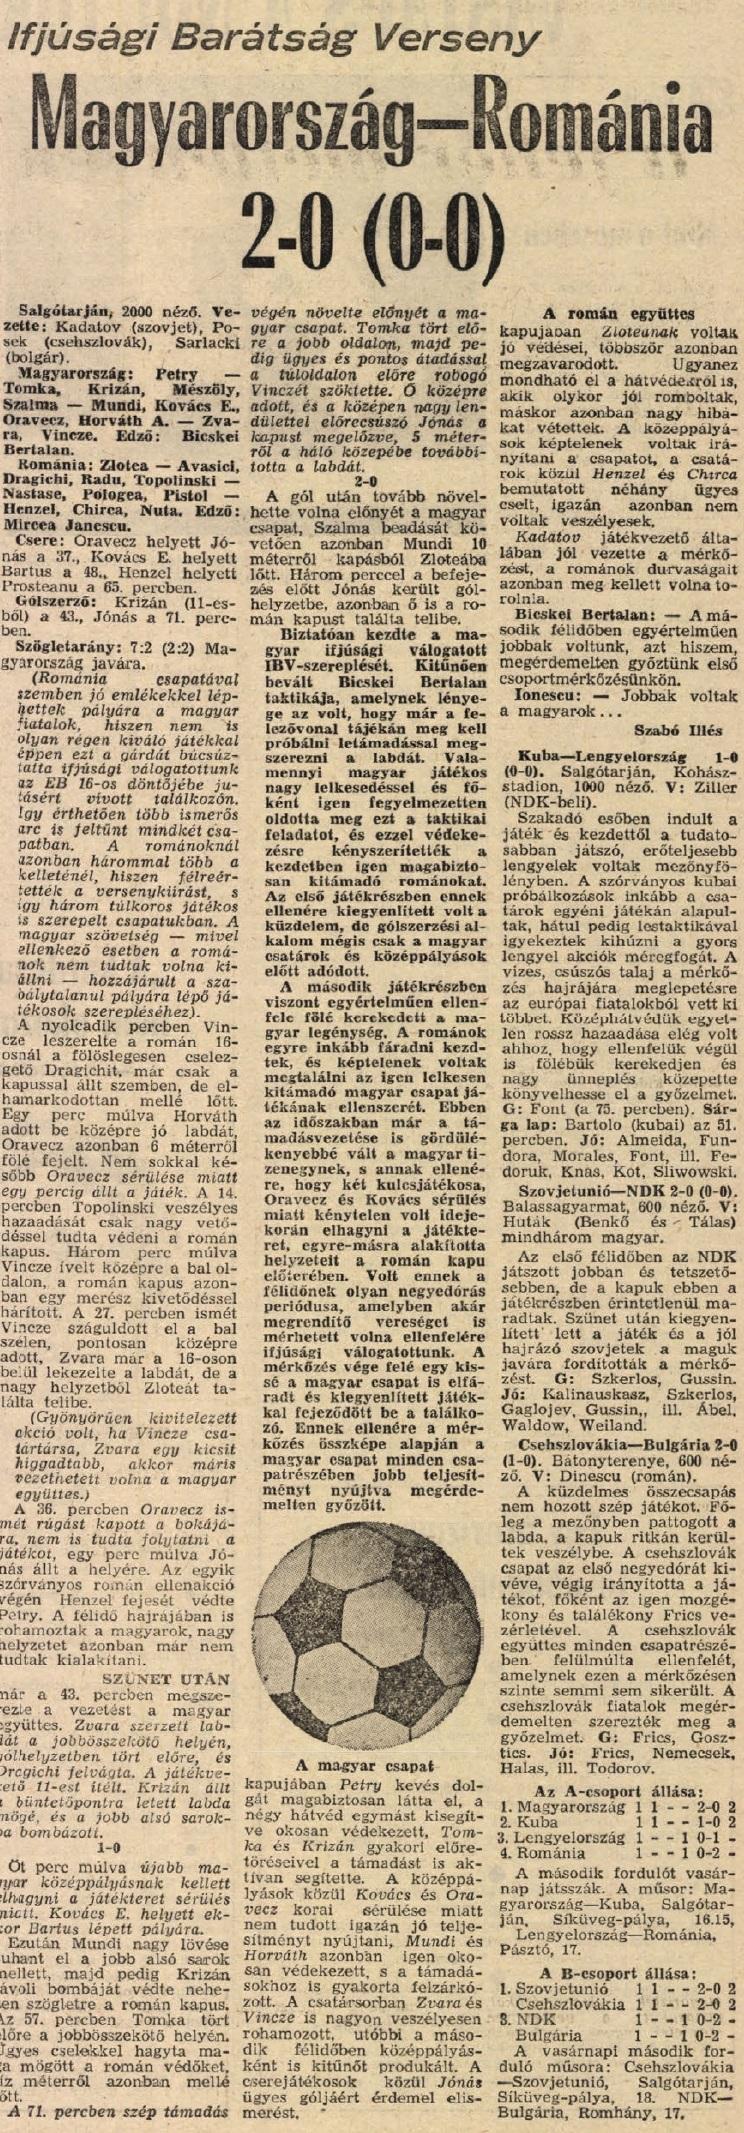 idokapszula_nb_i_1983_84_tavaszi_zaras_merlegen_a_felsohaz_ibv_magyarorszag_romania.jpg